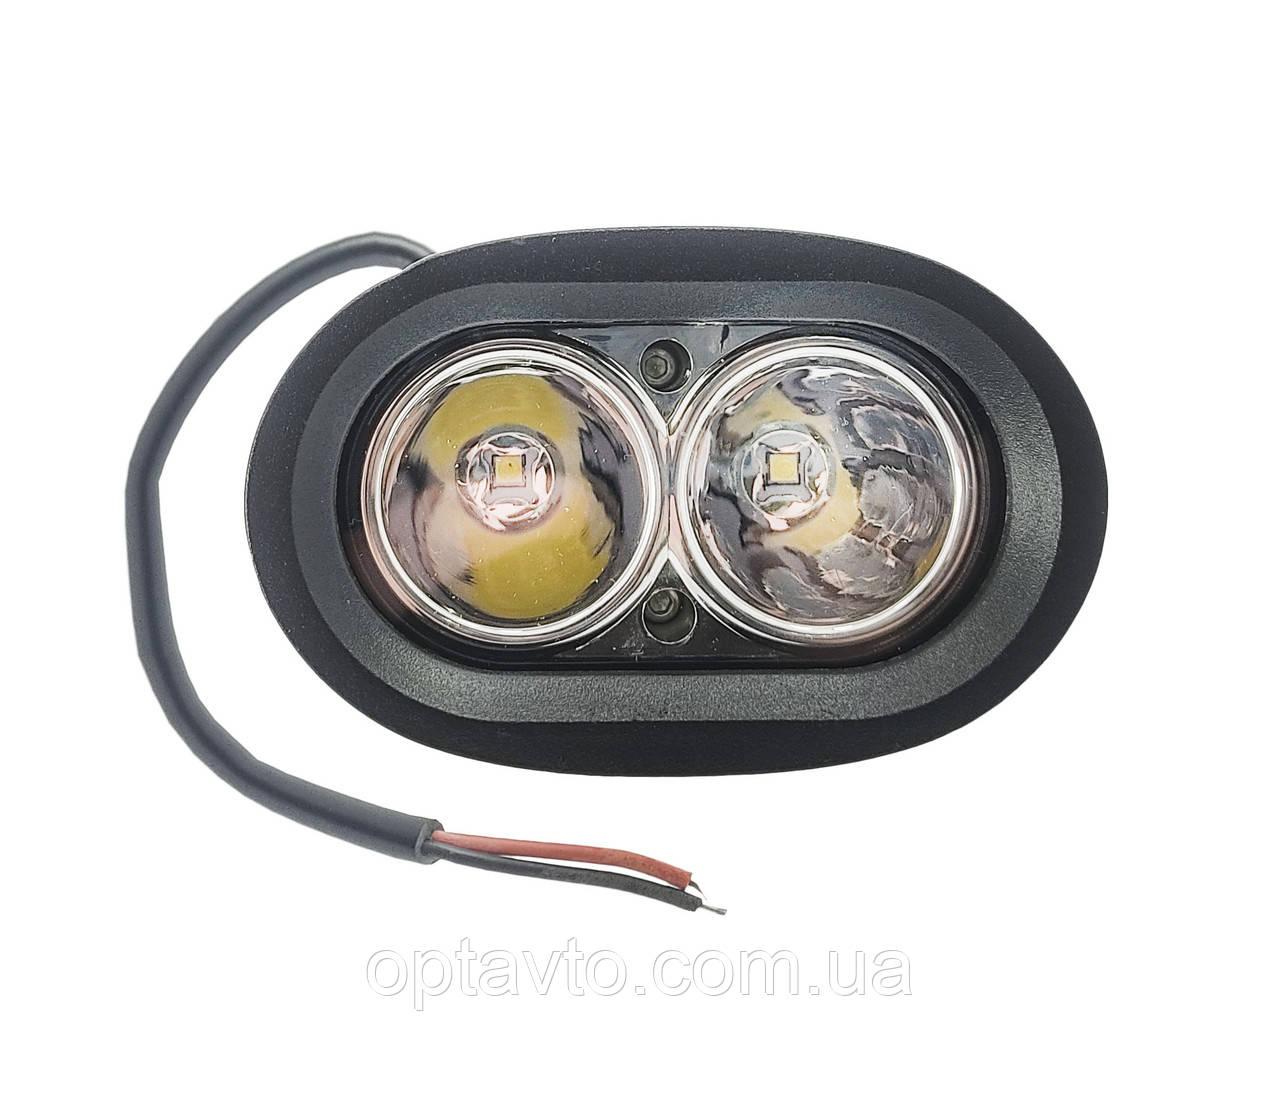 Светодиодные фары ОПТОМ! LED (лэд) фара СОВА. 20 Вт. 12-24 Вольт.